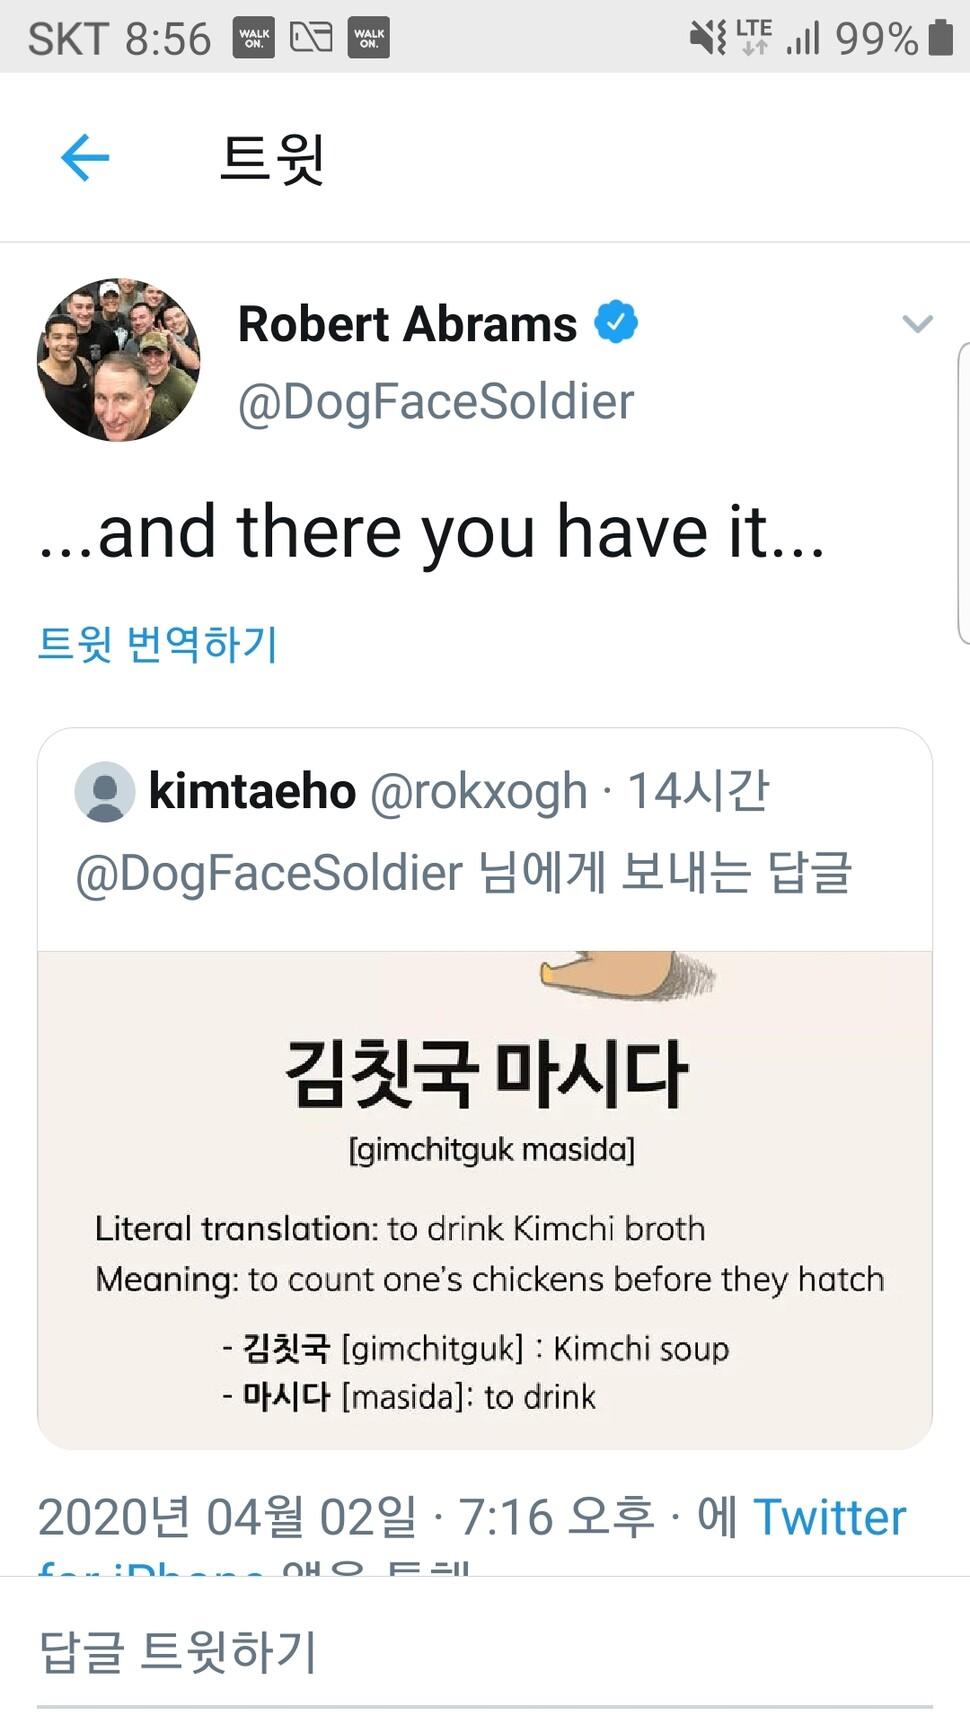 """주한미군사령관 """"김칫국 마시다"""" 트윗 논란, 왜"""